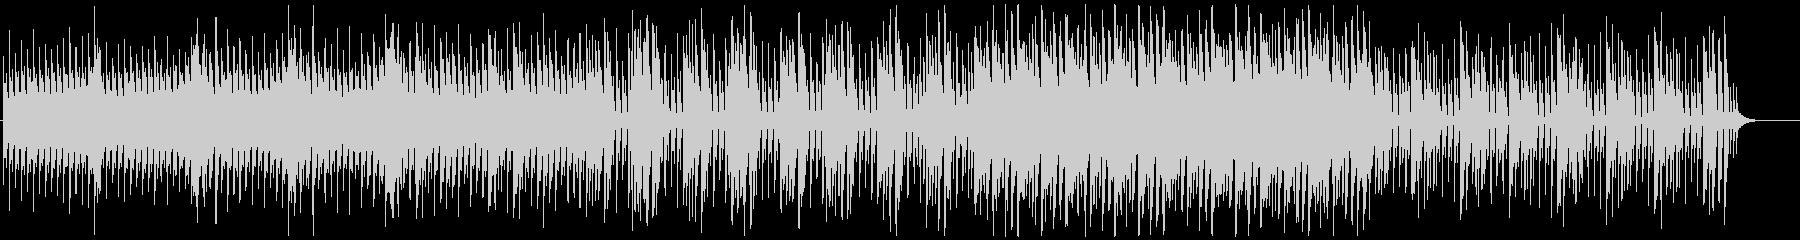 明るい/4つ打ち/ピアノの感動系ポップスの未再生の波形